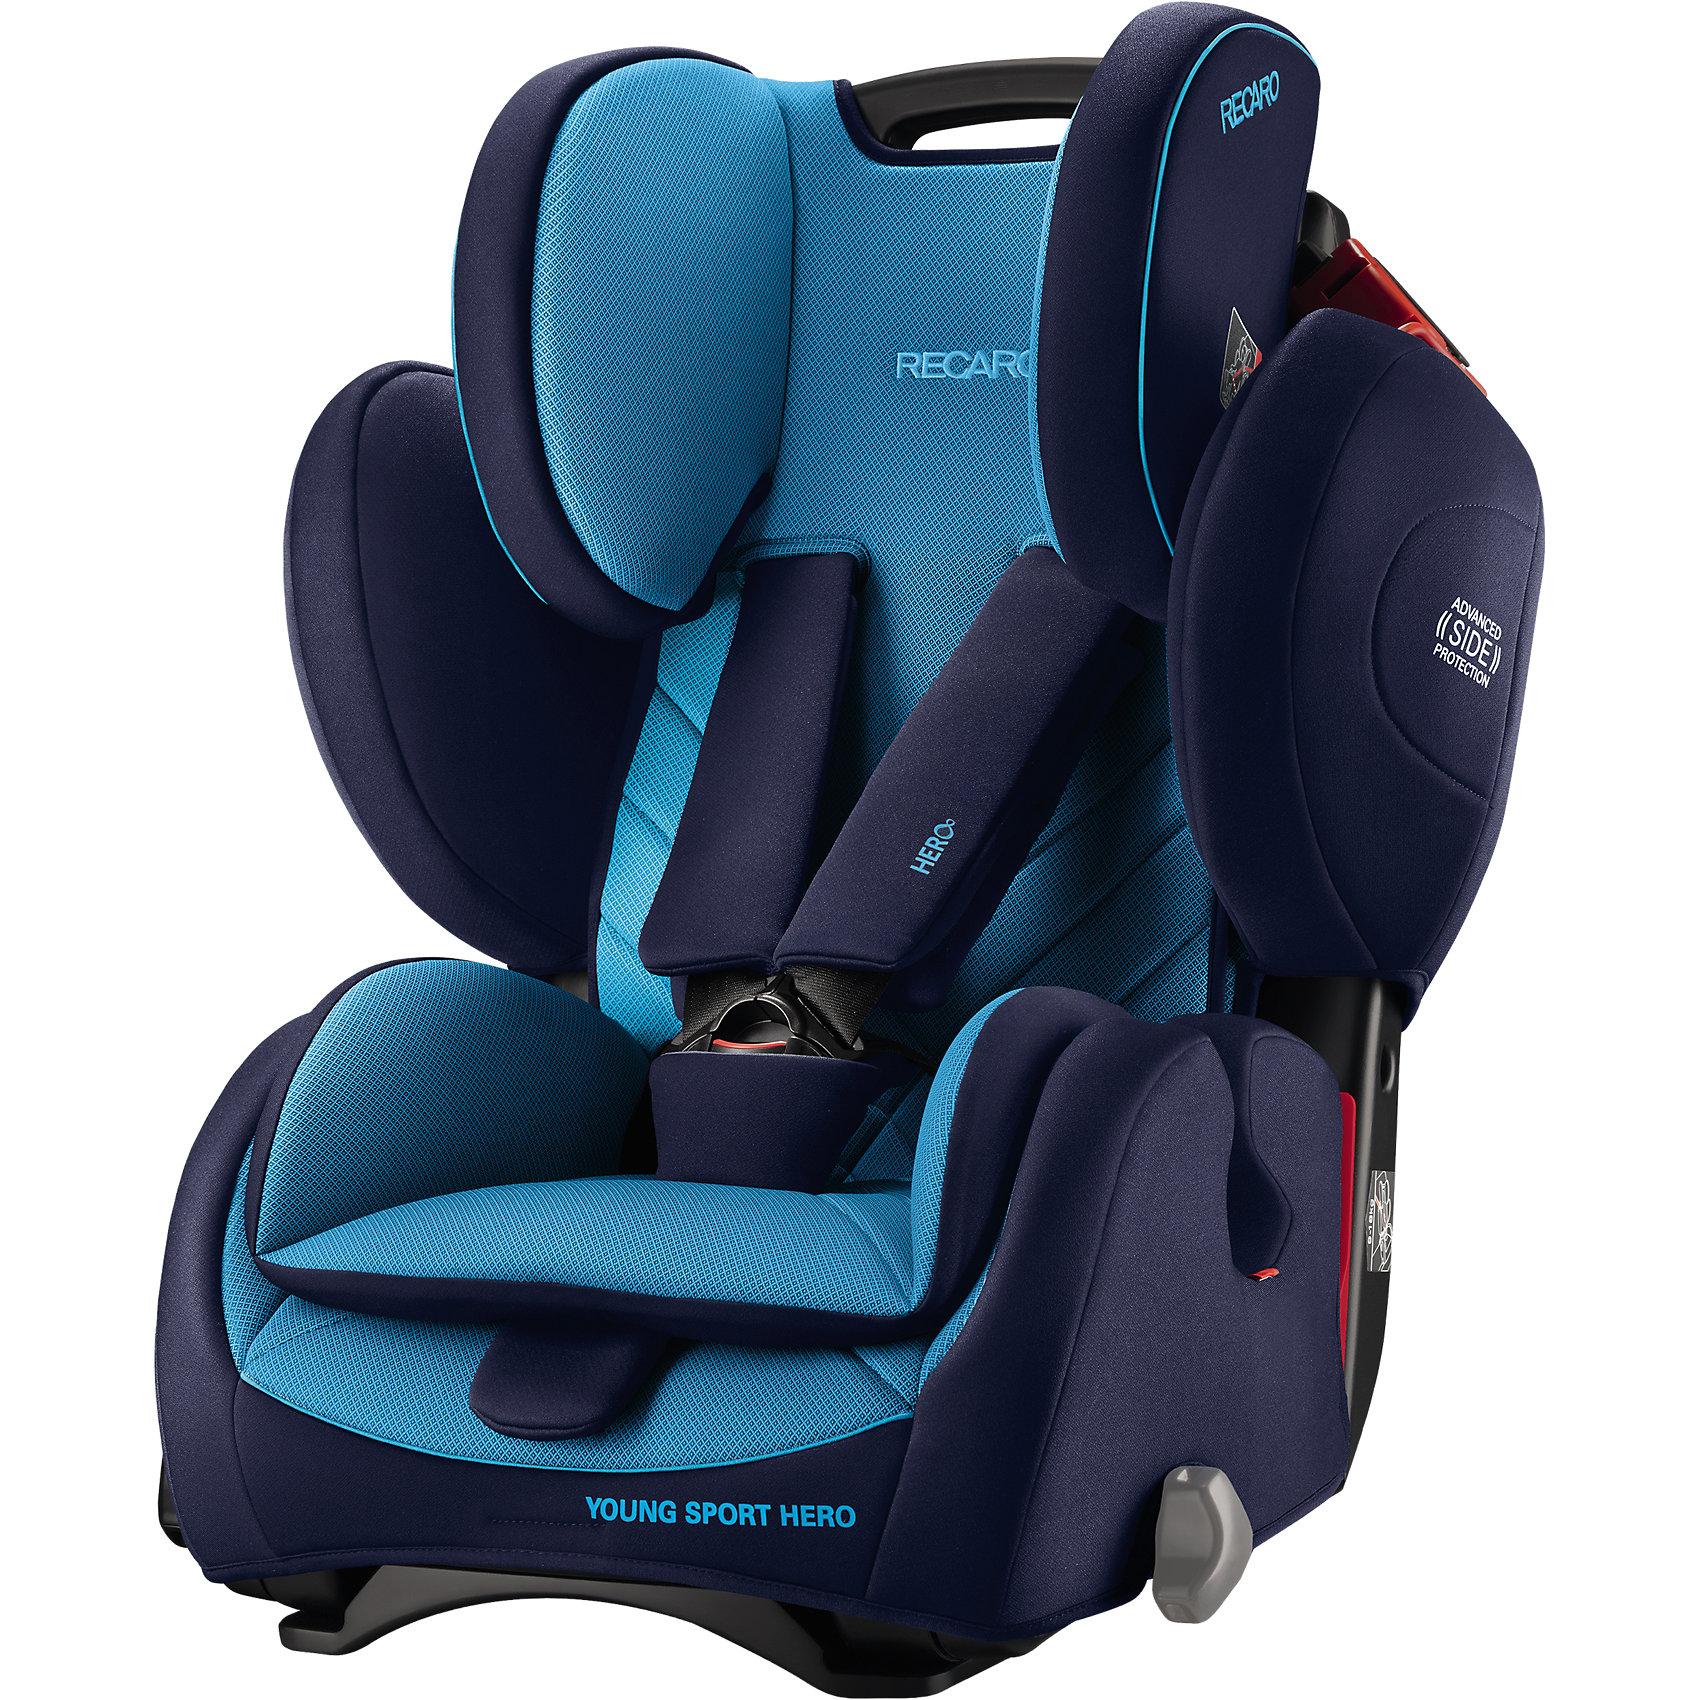 Автокресло RECARO Young Sport Hero, 9-36 кг, xenon blueГруппа 1-2-3 (От 9 до 36 кг)<br>Характеристики автокресла Young Sport HERO: <br><br>• группа автокресла: 1-2-3;<br>• вес ребенка: 9-36 кг;<br>• возраст ребенка: от 9 месяцев до 12 лет;<br>• способ установки: по ходу движения автомобиля;<br>• способ крепления: штатными ремнями безопасности автомобиля;<br>• материал: пластик, полиэстер.<br><br>Особенности автокресла: <br><br>• высота подголовника регулируется, 3 положения;<br>• высота ремней регулируется, 3 положения;<br>• меняется угол наклона спинки: положение «сидя» и «полусидя», 10-15 градусов;<br>• 5-ти точечные ремни с мягкими накладками, защита от перекручивания – этими ремнями ребенка можно пристегнуть на возрастном этапе 9 месяцев-4 года;<br>• после 4-х лет ребенка в автокресле пристегивают штатными 3-х точечными ремнями безопасности;<br>• анатомический вкладыш с мягкой подушечкой, для детей от 9 месяцев до 4-х лет;<br>• усиленная боковая защита;<br>• система вентиляции;<br>• дышащие, износостойкие чехлы – стирка при температуре 30 градусов.<br><br>Размеры:<br><br>• высота спинки автокресла: 47/58 см;<br>• ширина сиденья: 32 см;<br>• глубина сиденья: 30 см;<br>• ширина подголовника: 19 см;<br>• ширина вкладыша: 24 см;<br>• размеры автокресла: 70х47х57 см;<br>• вес: 8,3 кг;<br>• вес в упаковке: 9,9 кг.<br><br>Автокресло Young Sport Hero, 9-36 кг, Recaro, xenon blue можно купить в нашем интернет-магазине.<br><br>Ширина мм: 690<br>Глубина мм: 573<br>Высота мм: 495<br>Вес г: 10168<br>Цвет: синий<br>Возраст от месяцев: 9<br>Возраст до месяцев: 144<br>Пол: Мужской<br>Возраст: Детский<br>SKU: 4999108